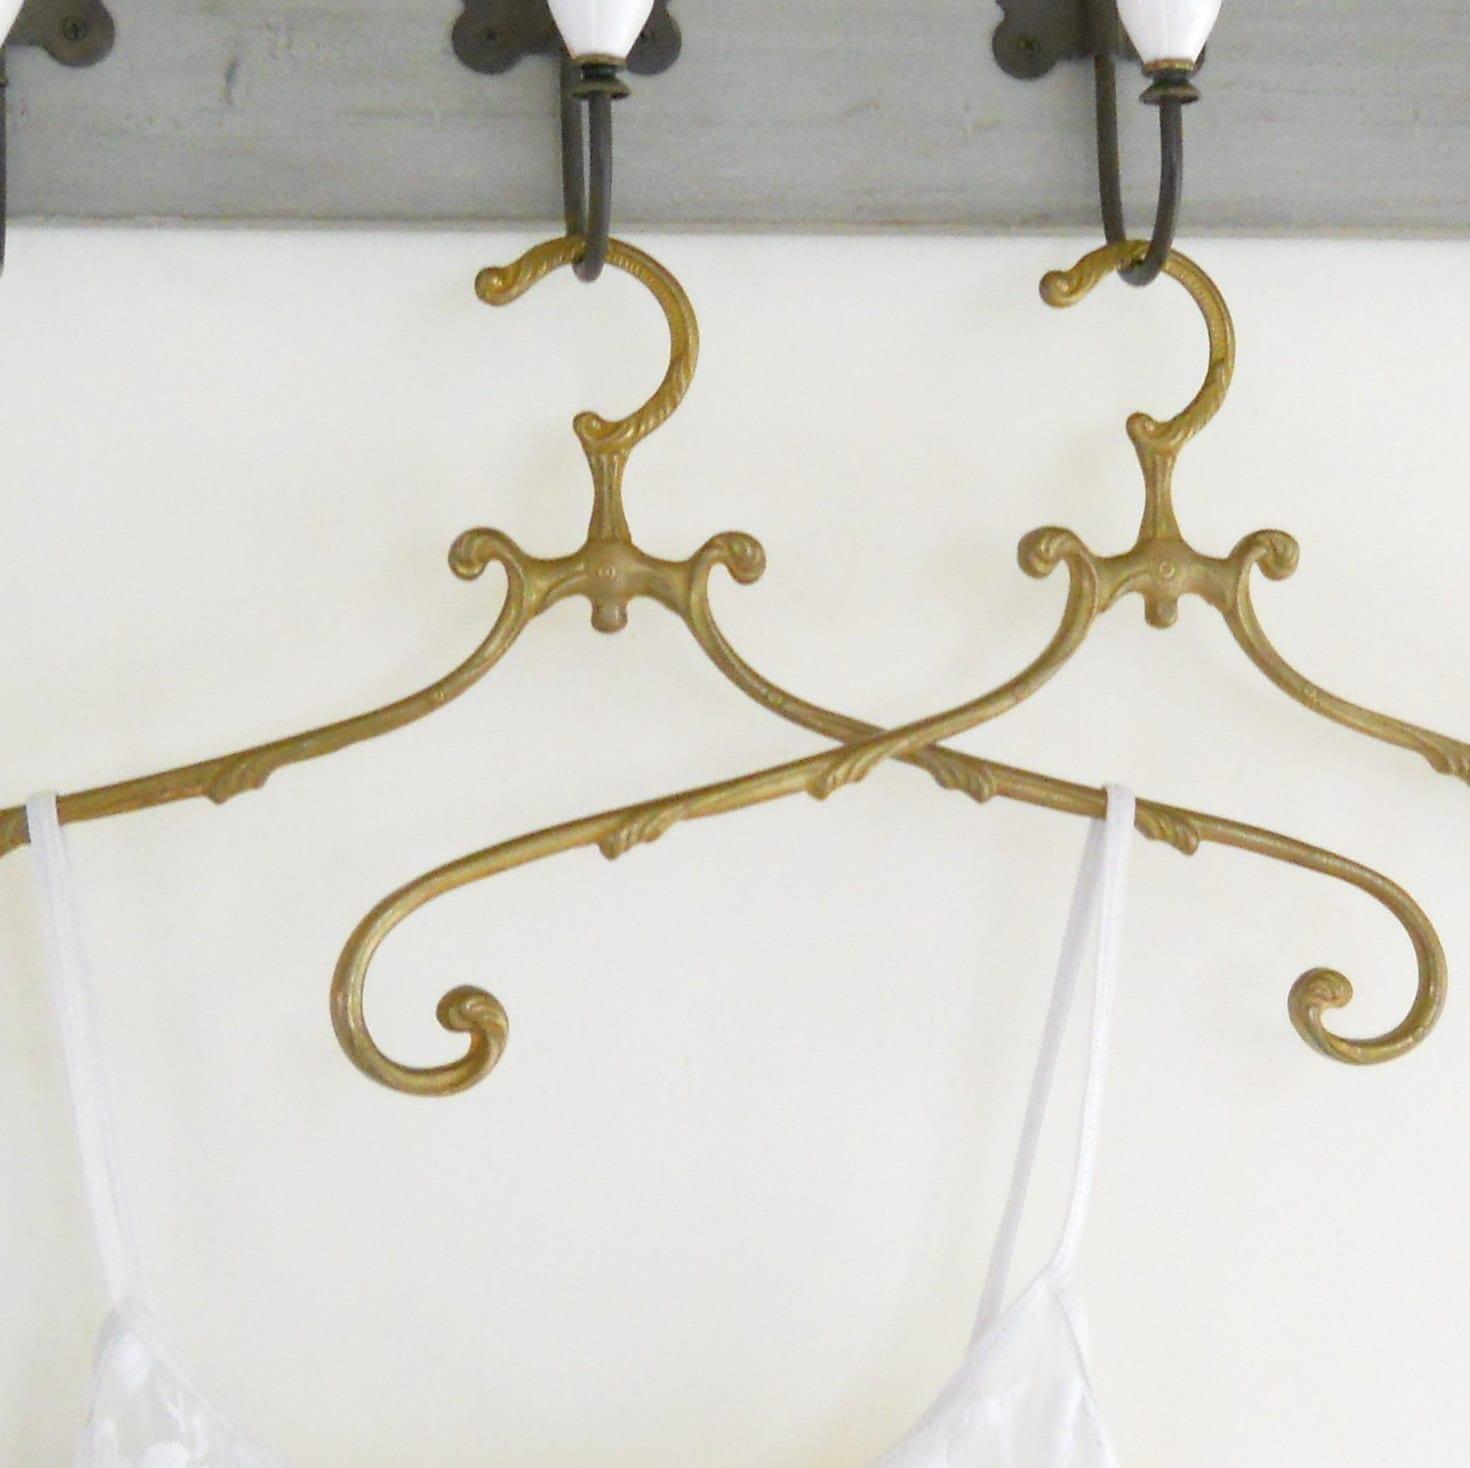 2 antique brass clothes hangers vintage coat hanger antique